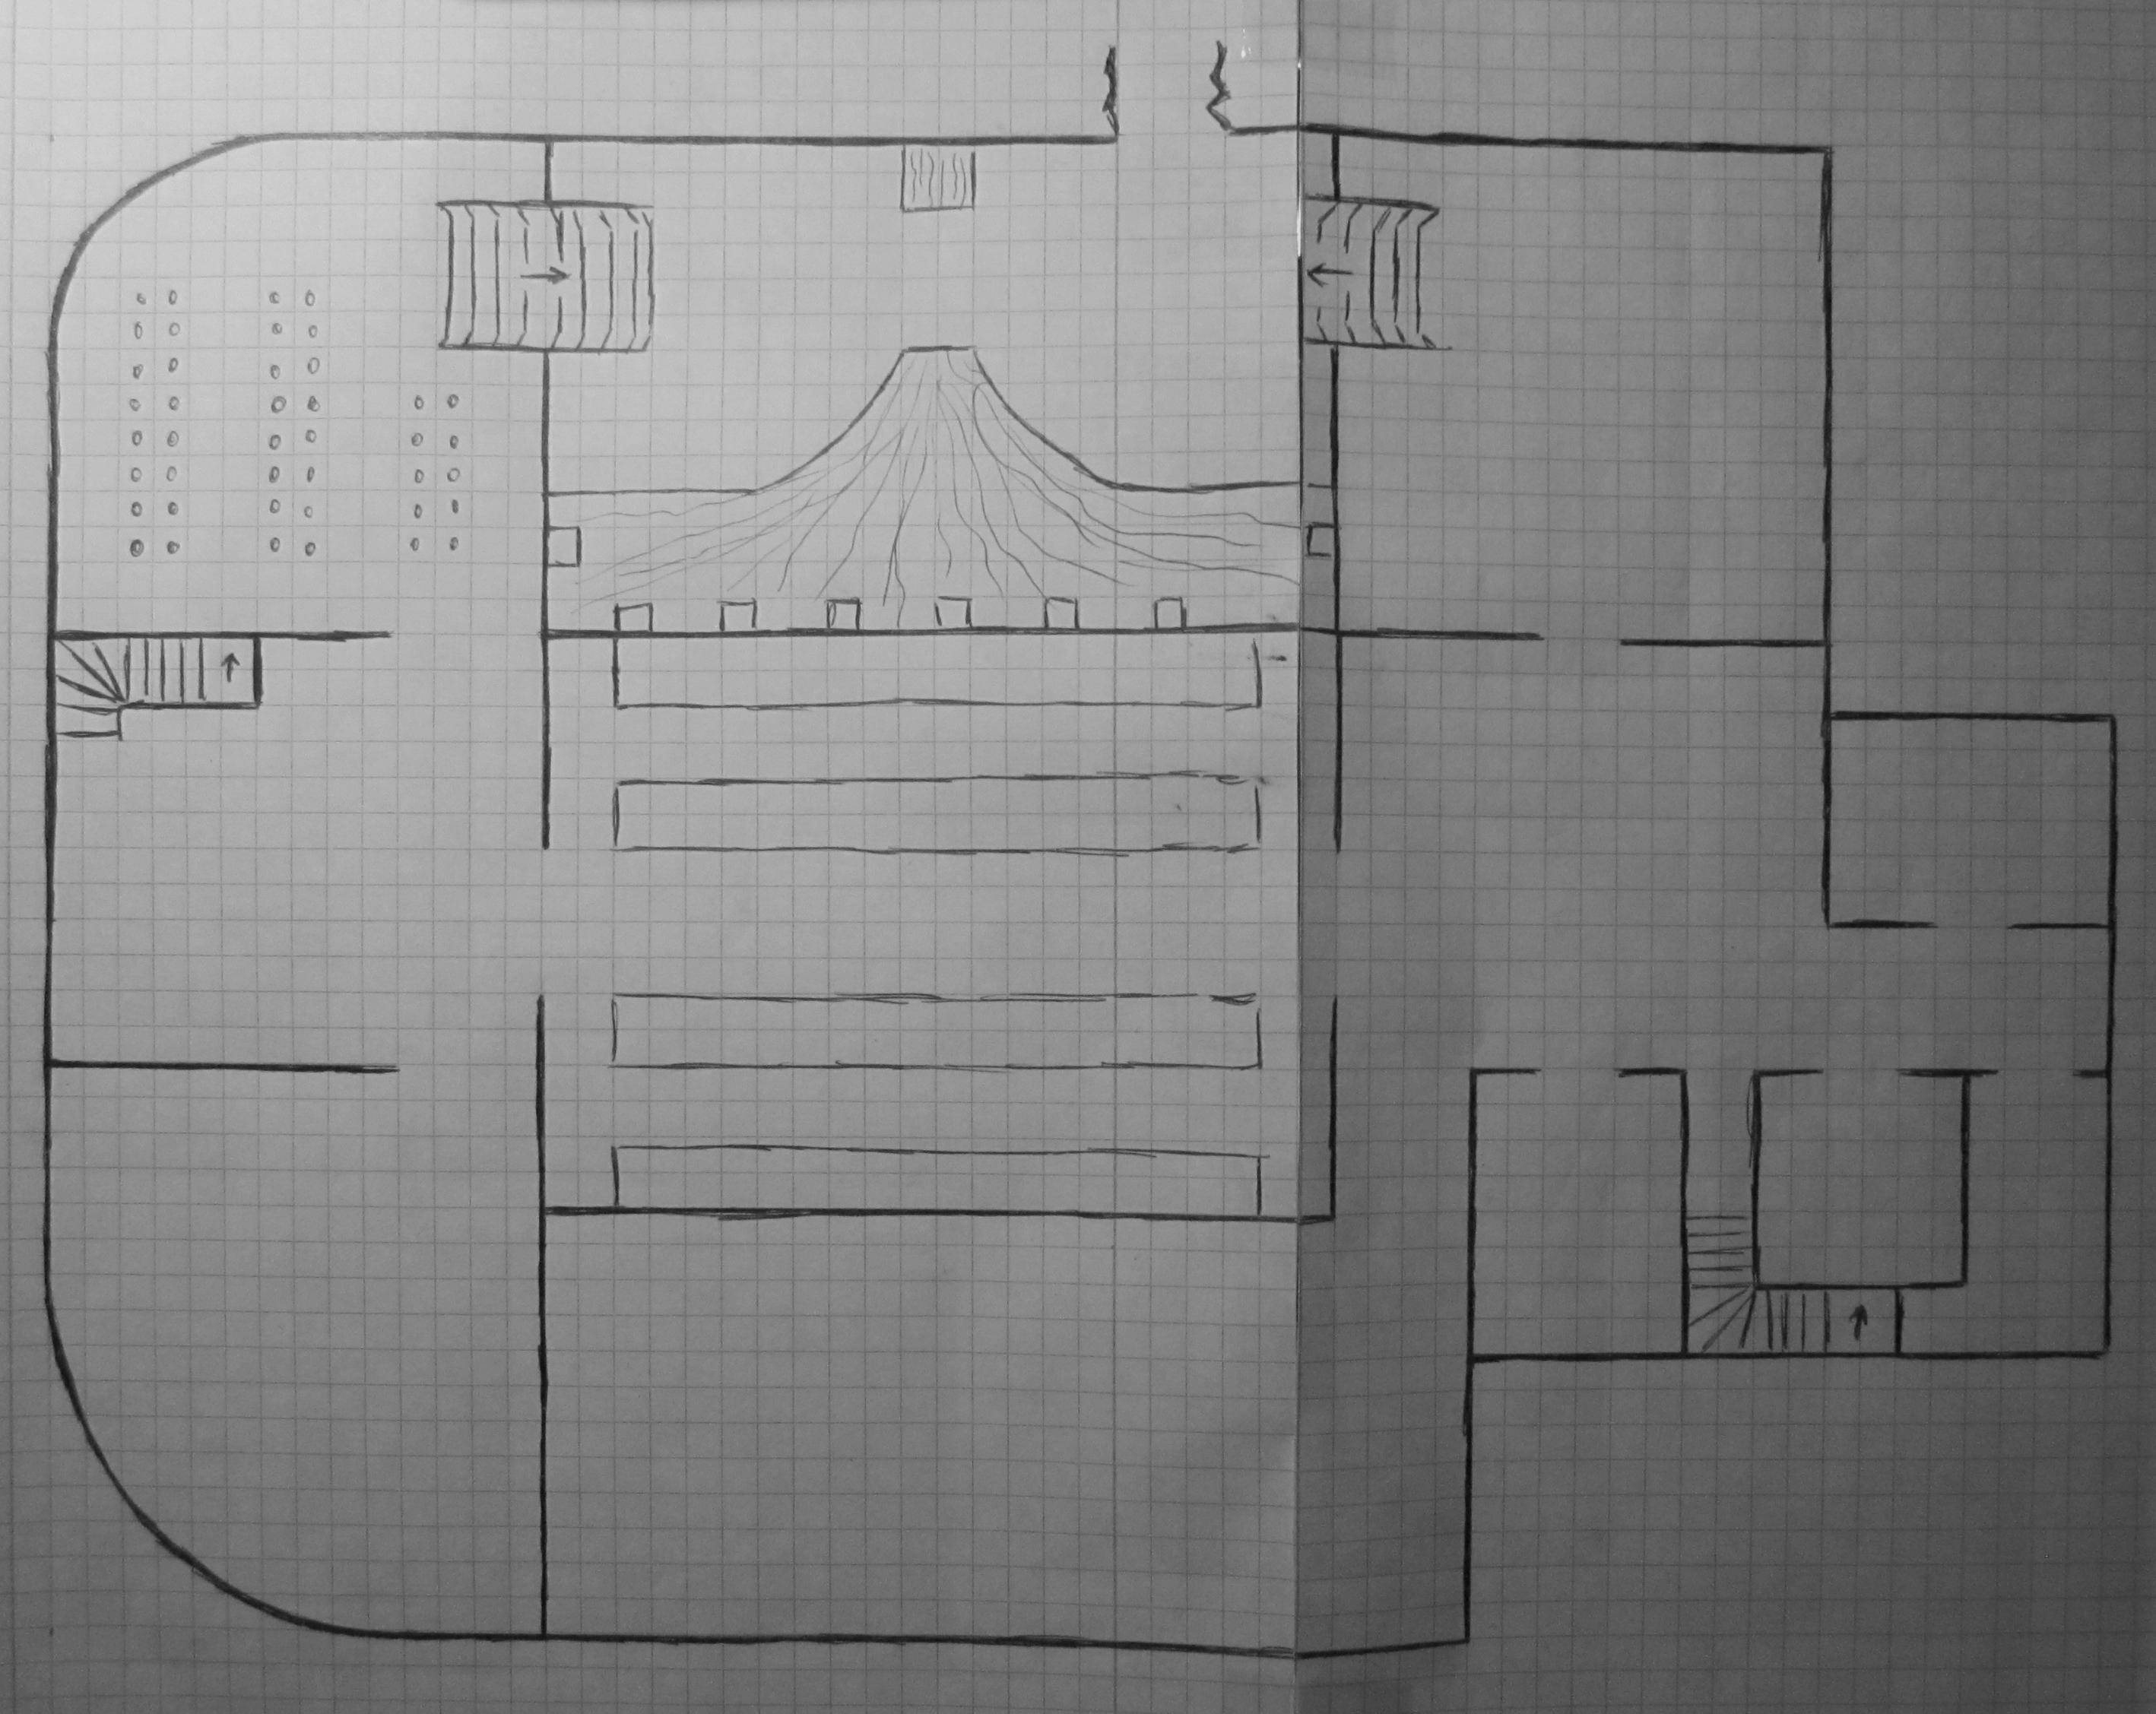 Das unterste Stockwerk des Anwesens der Familie Hasir